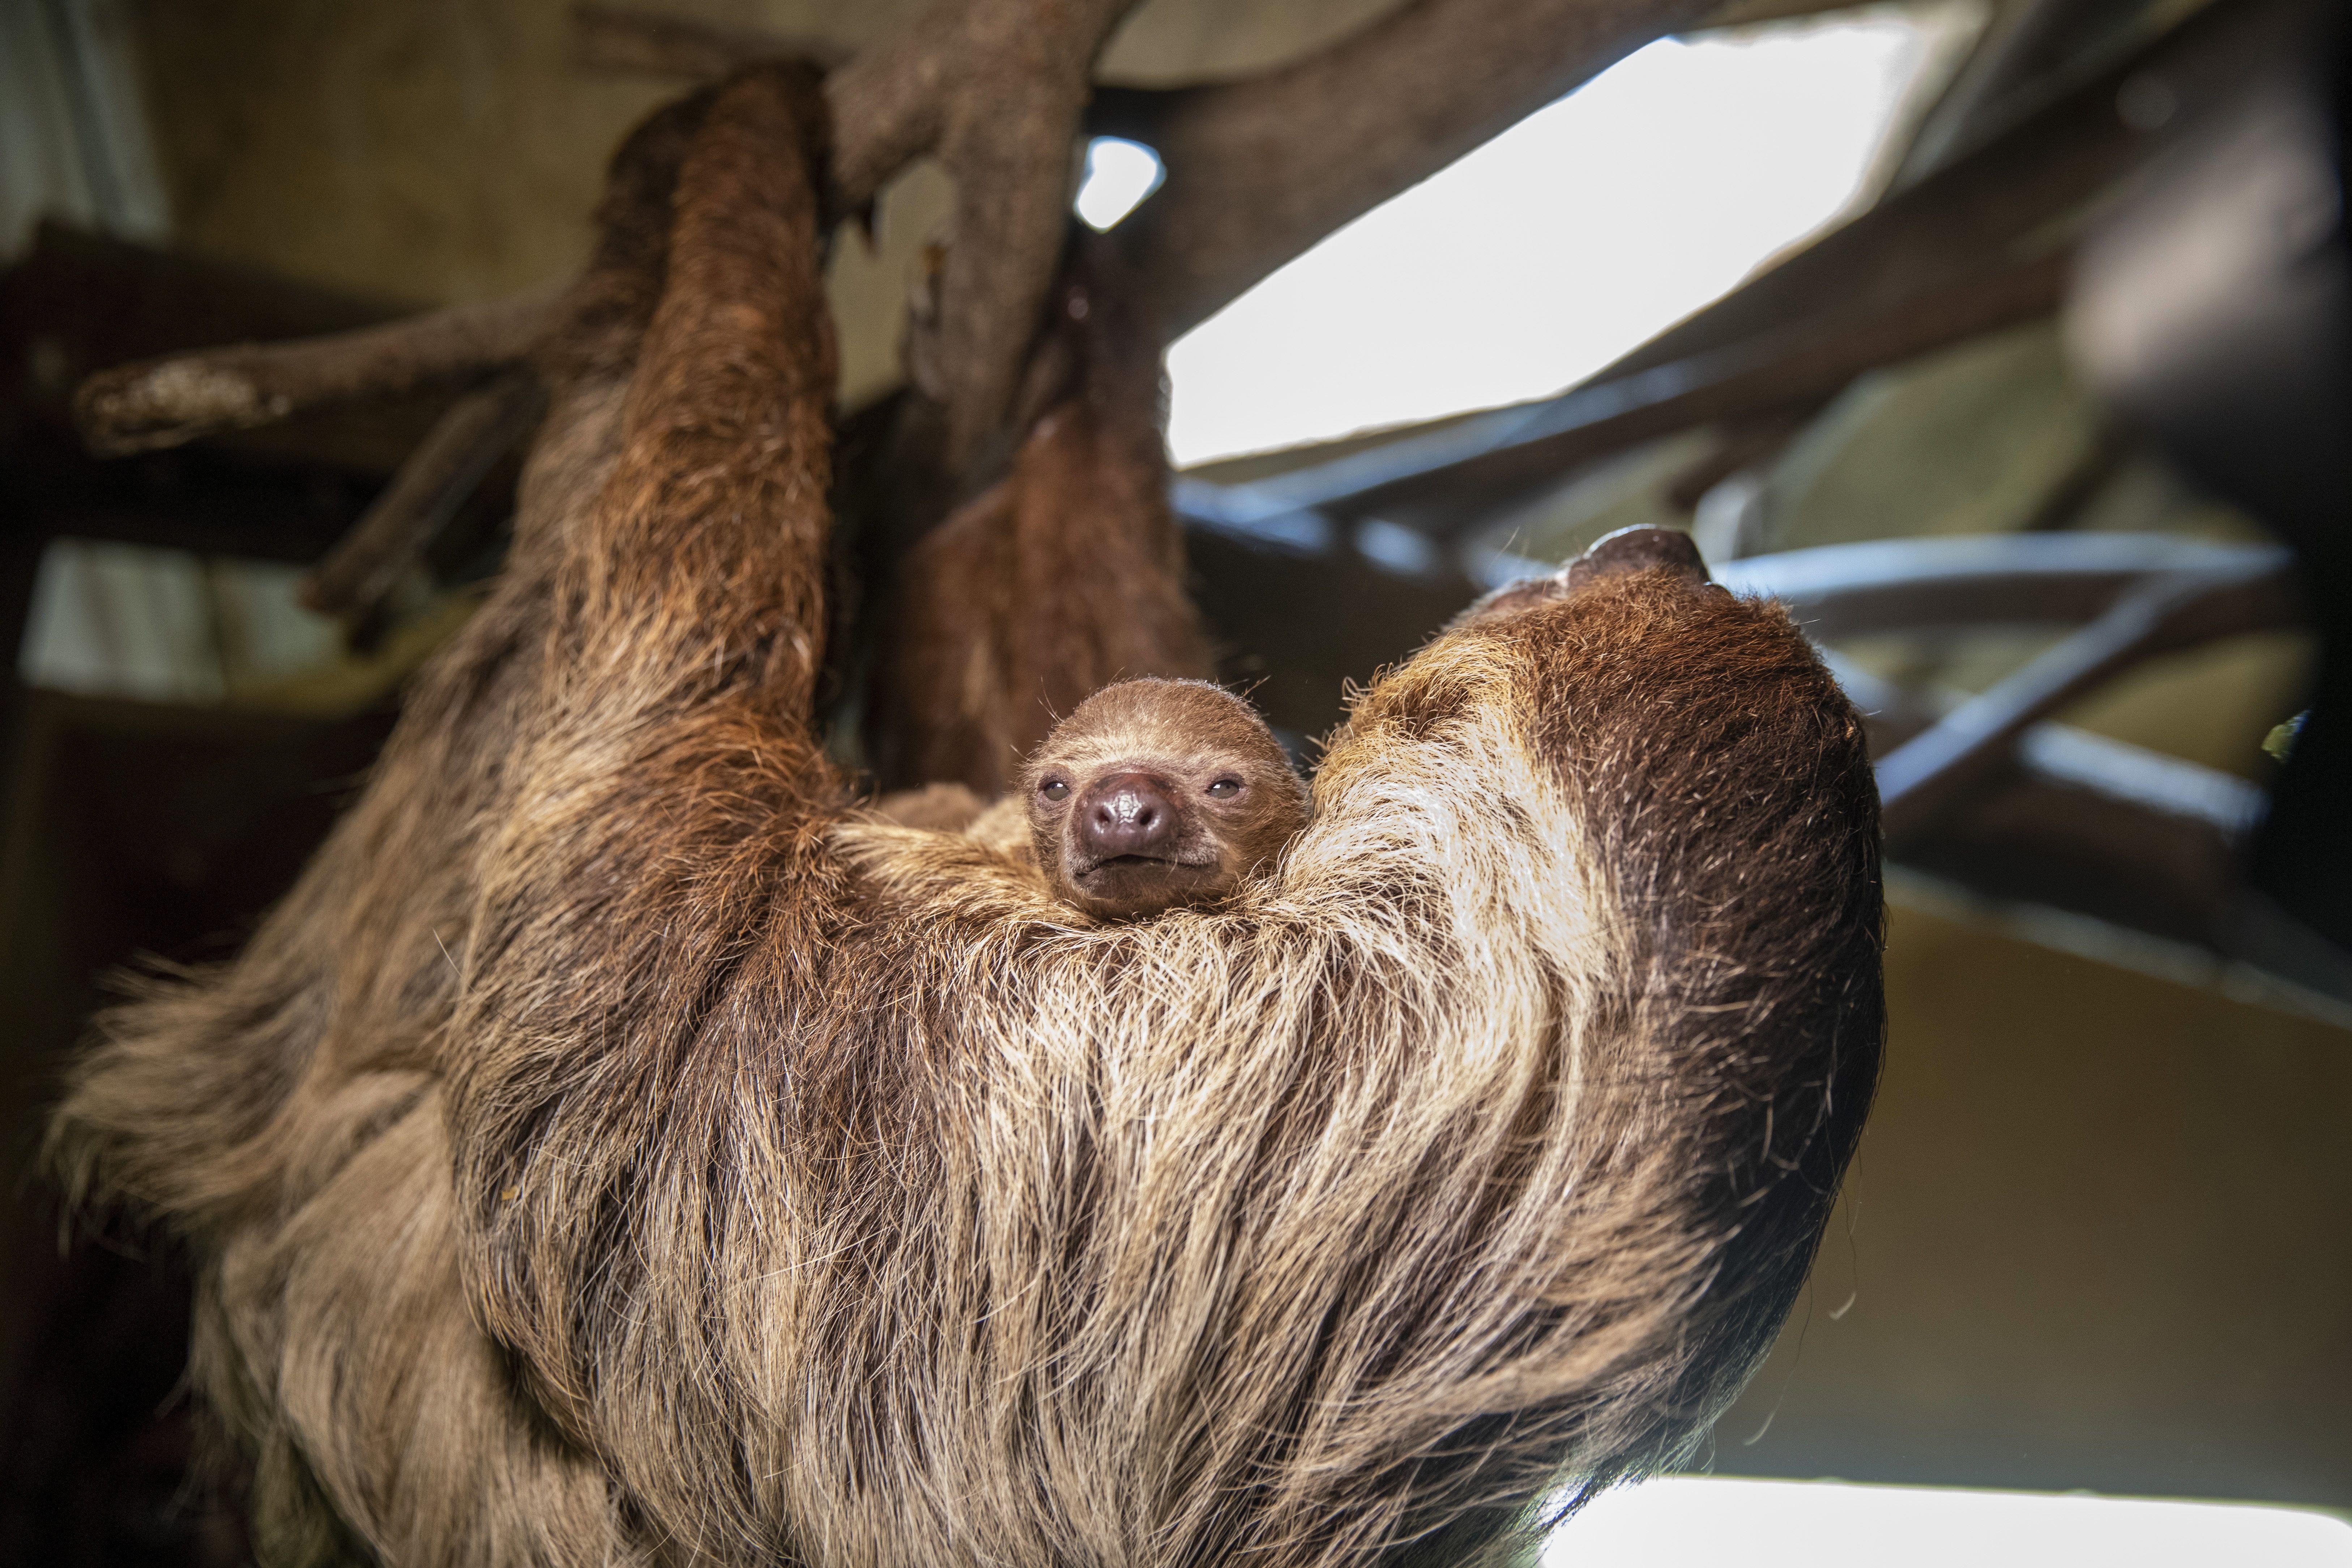 Kétujjú lajhár a közelmúltban született kölykével a Szegedi Vadasparkban 2020. április 29-én